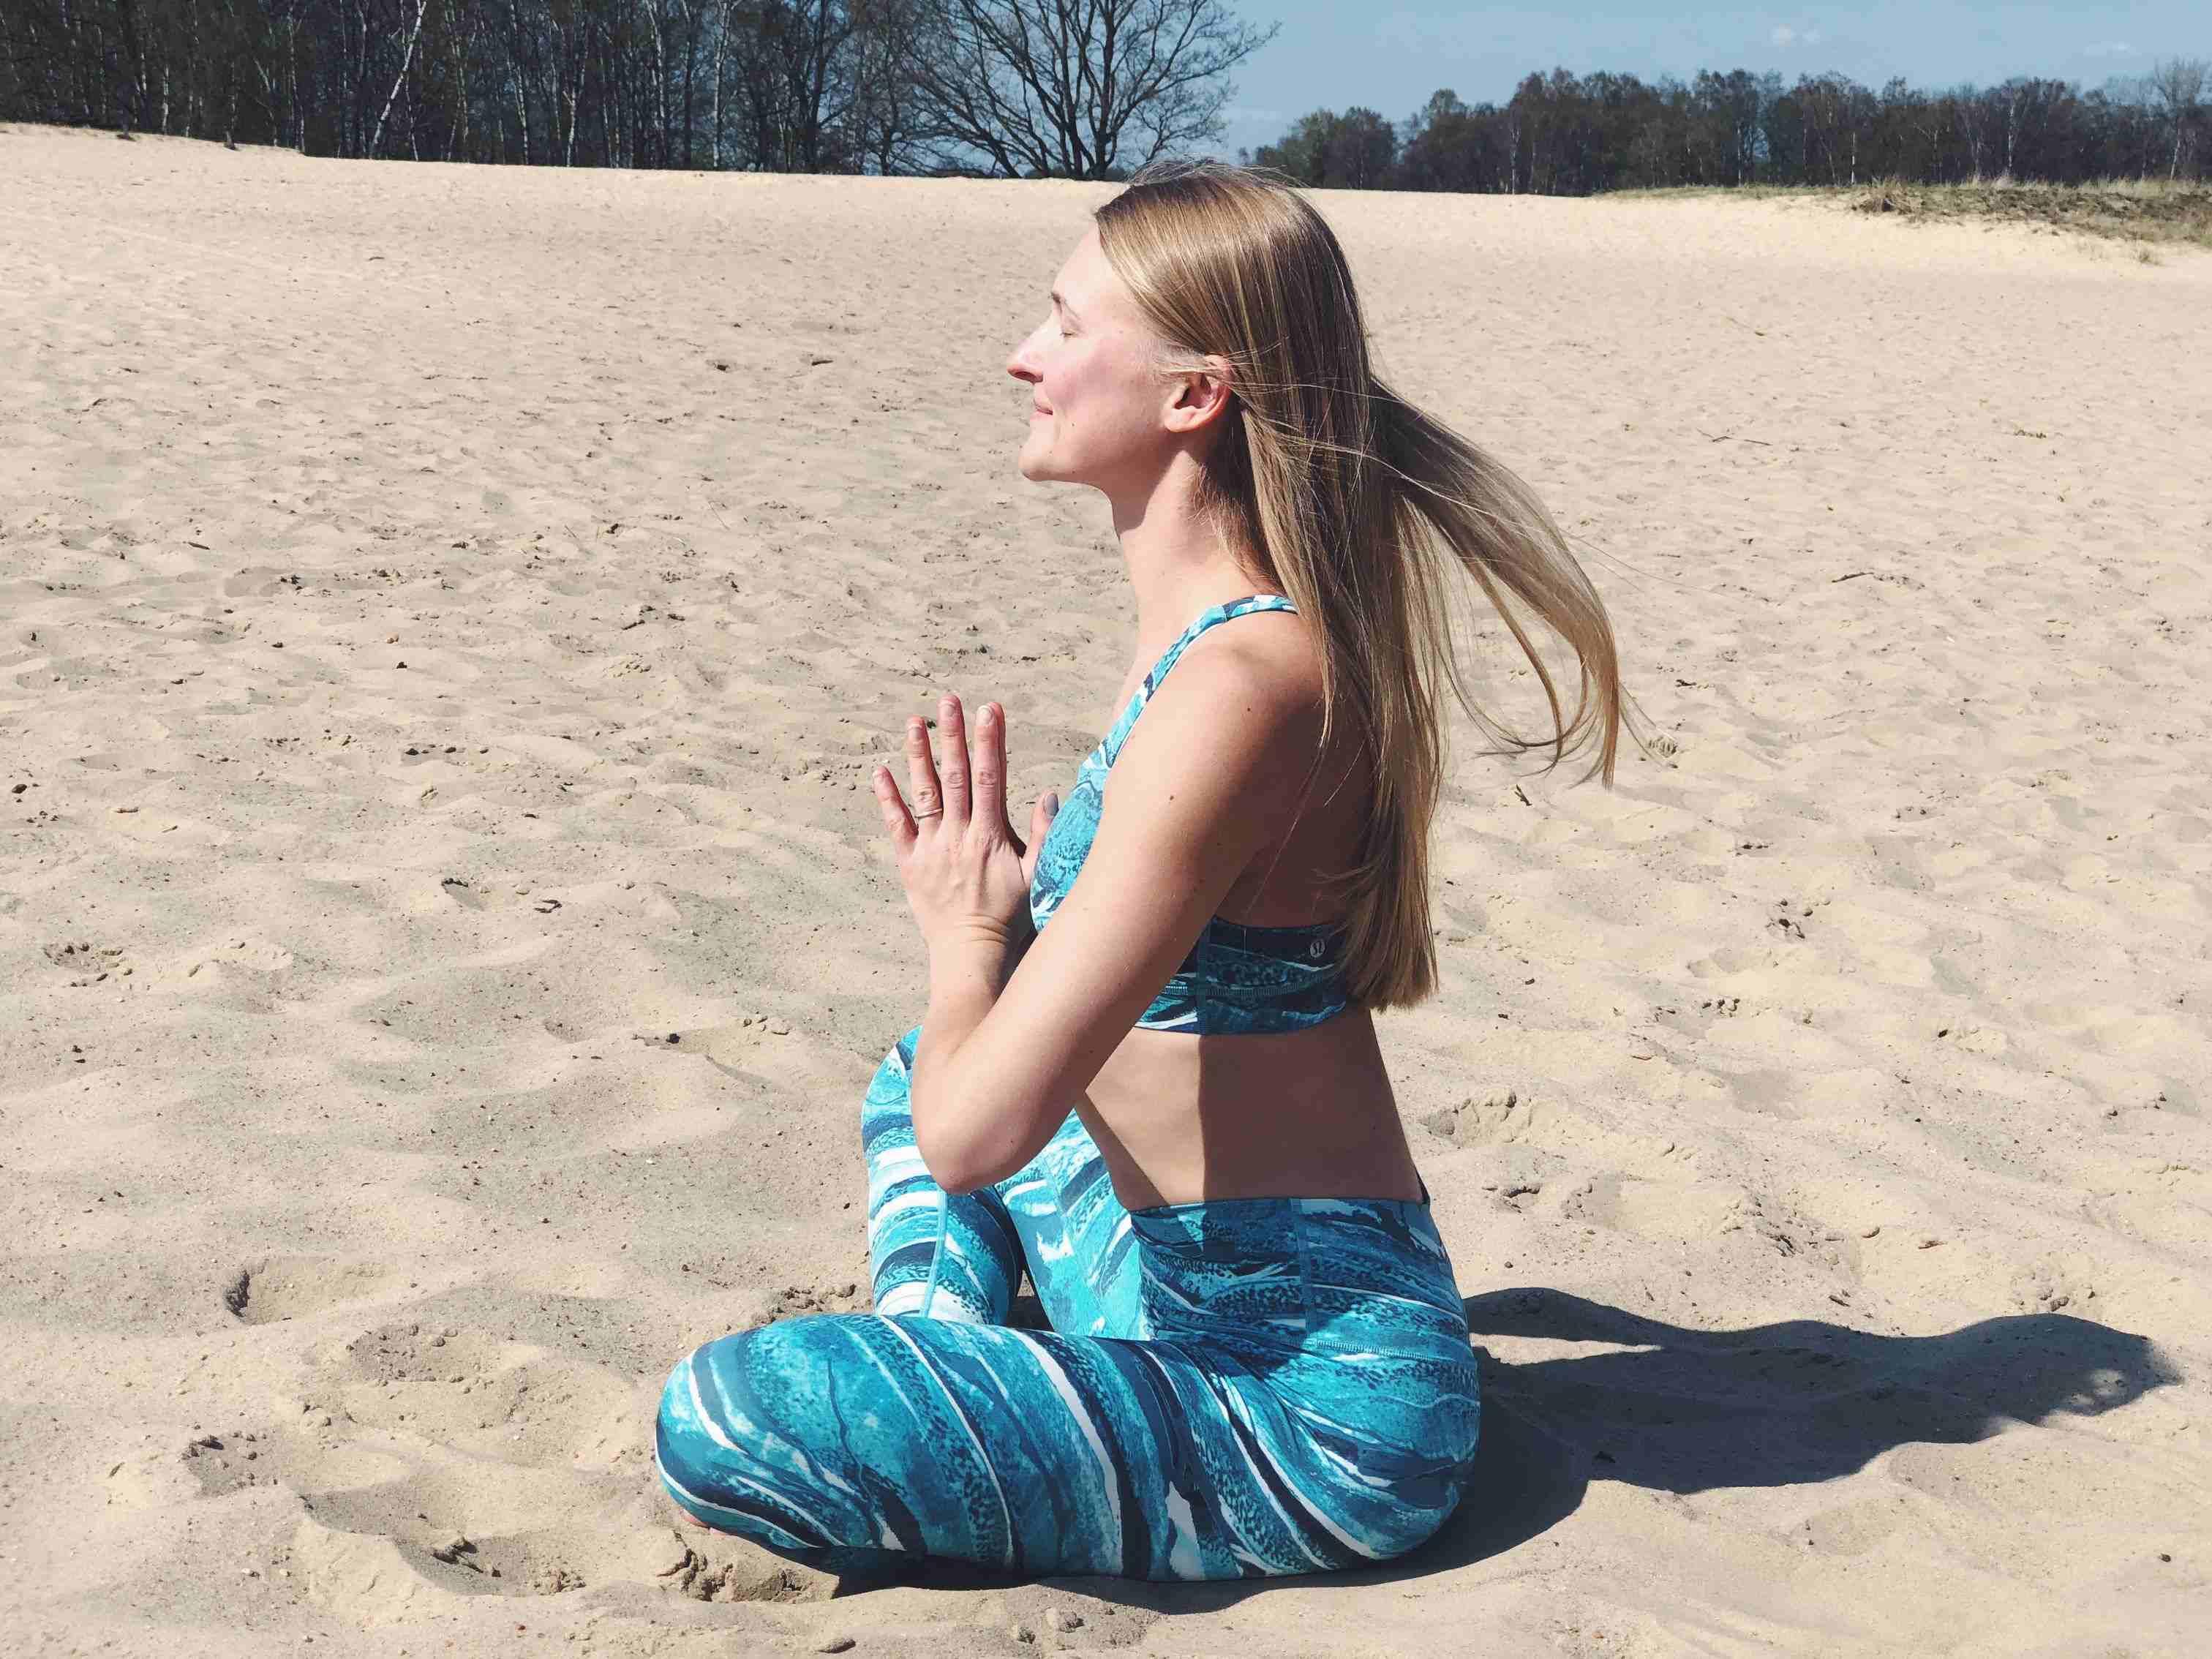 Yogalehrer-Ausbildung-Erkenntnisse-Erfahrung-Entwicklung-Ahimsa-Leben-Frieden-Gedanken-Yoga